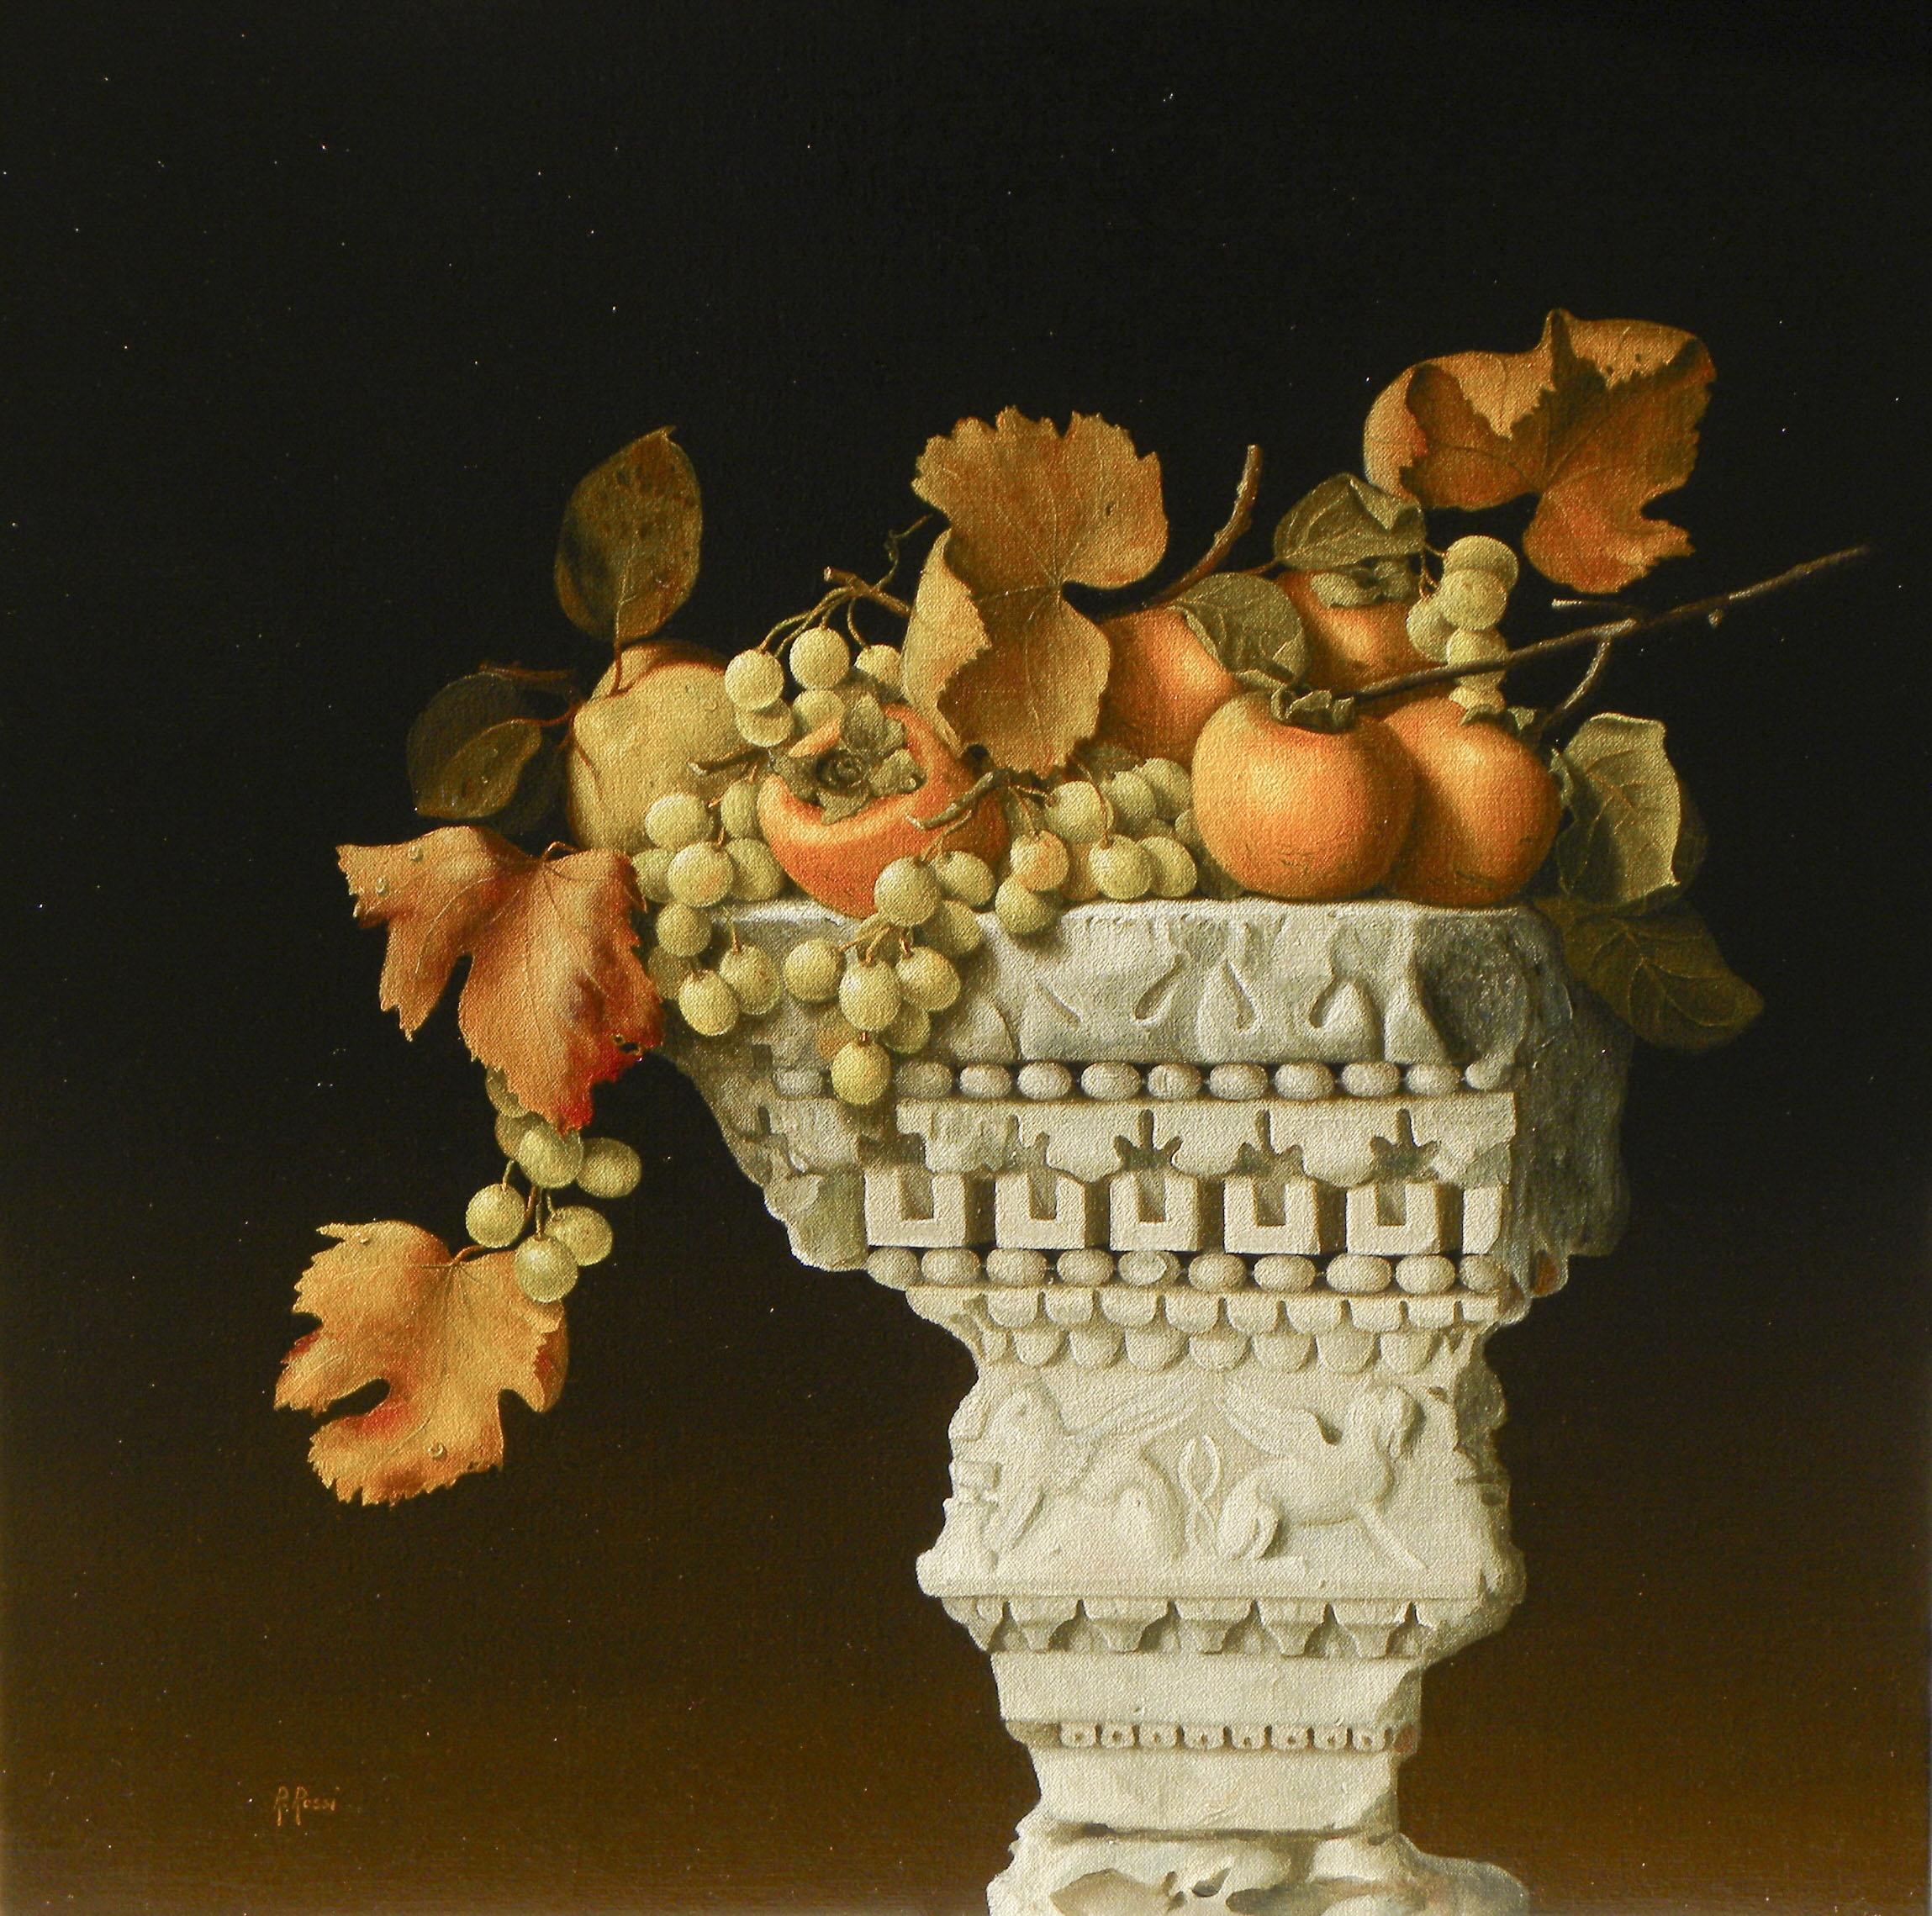 2010 roberta rossi - natura morta su capitello - olio su tela - 60 x 60